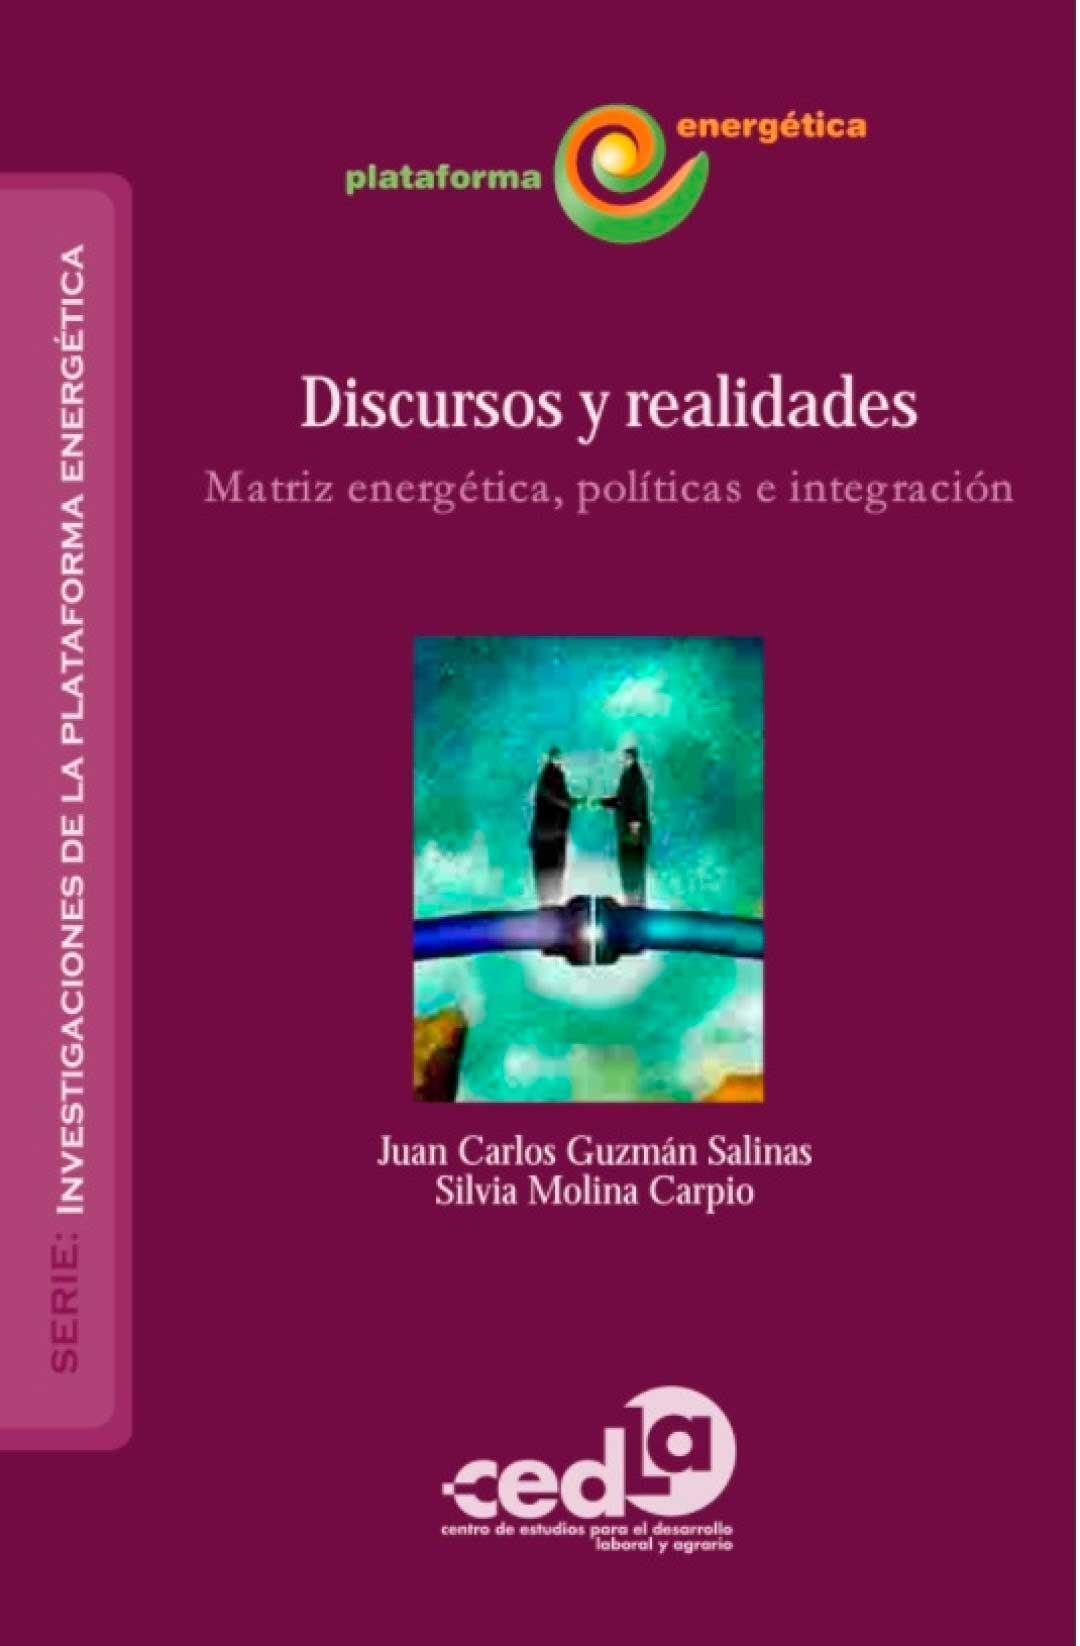 Discursos y Realidades. Matriz energética regional, políticas del sector e integración regional